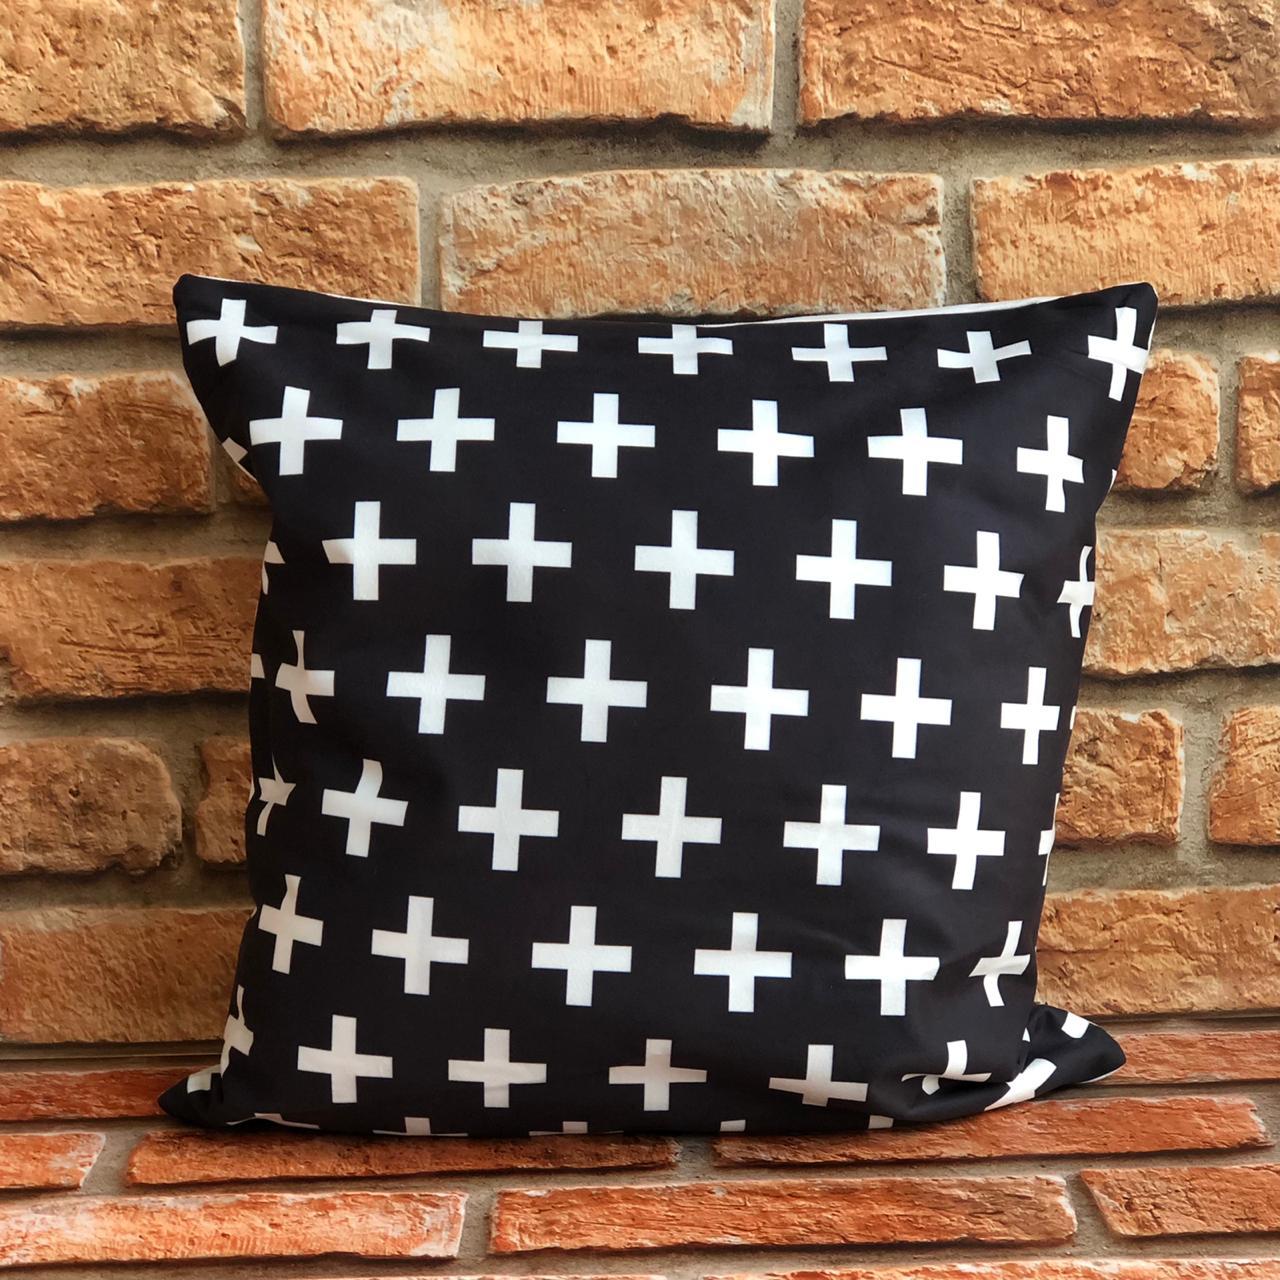 Kit com 3 Capas de Almofada Preto e Branco Geométrico